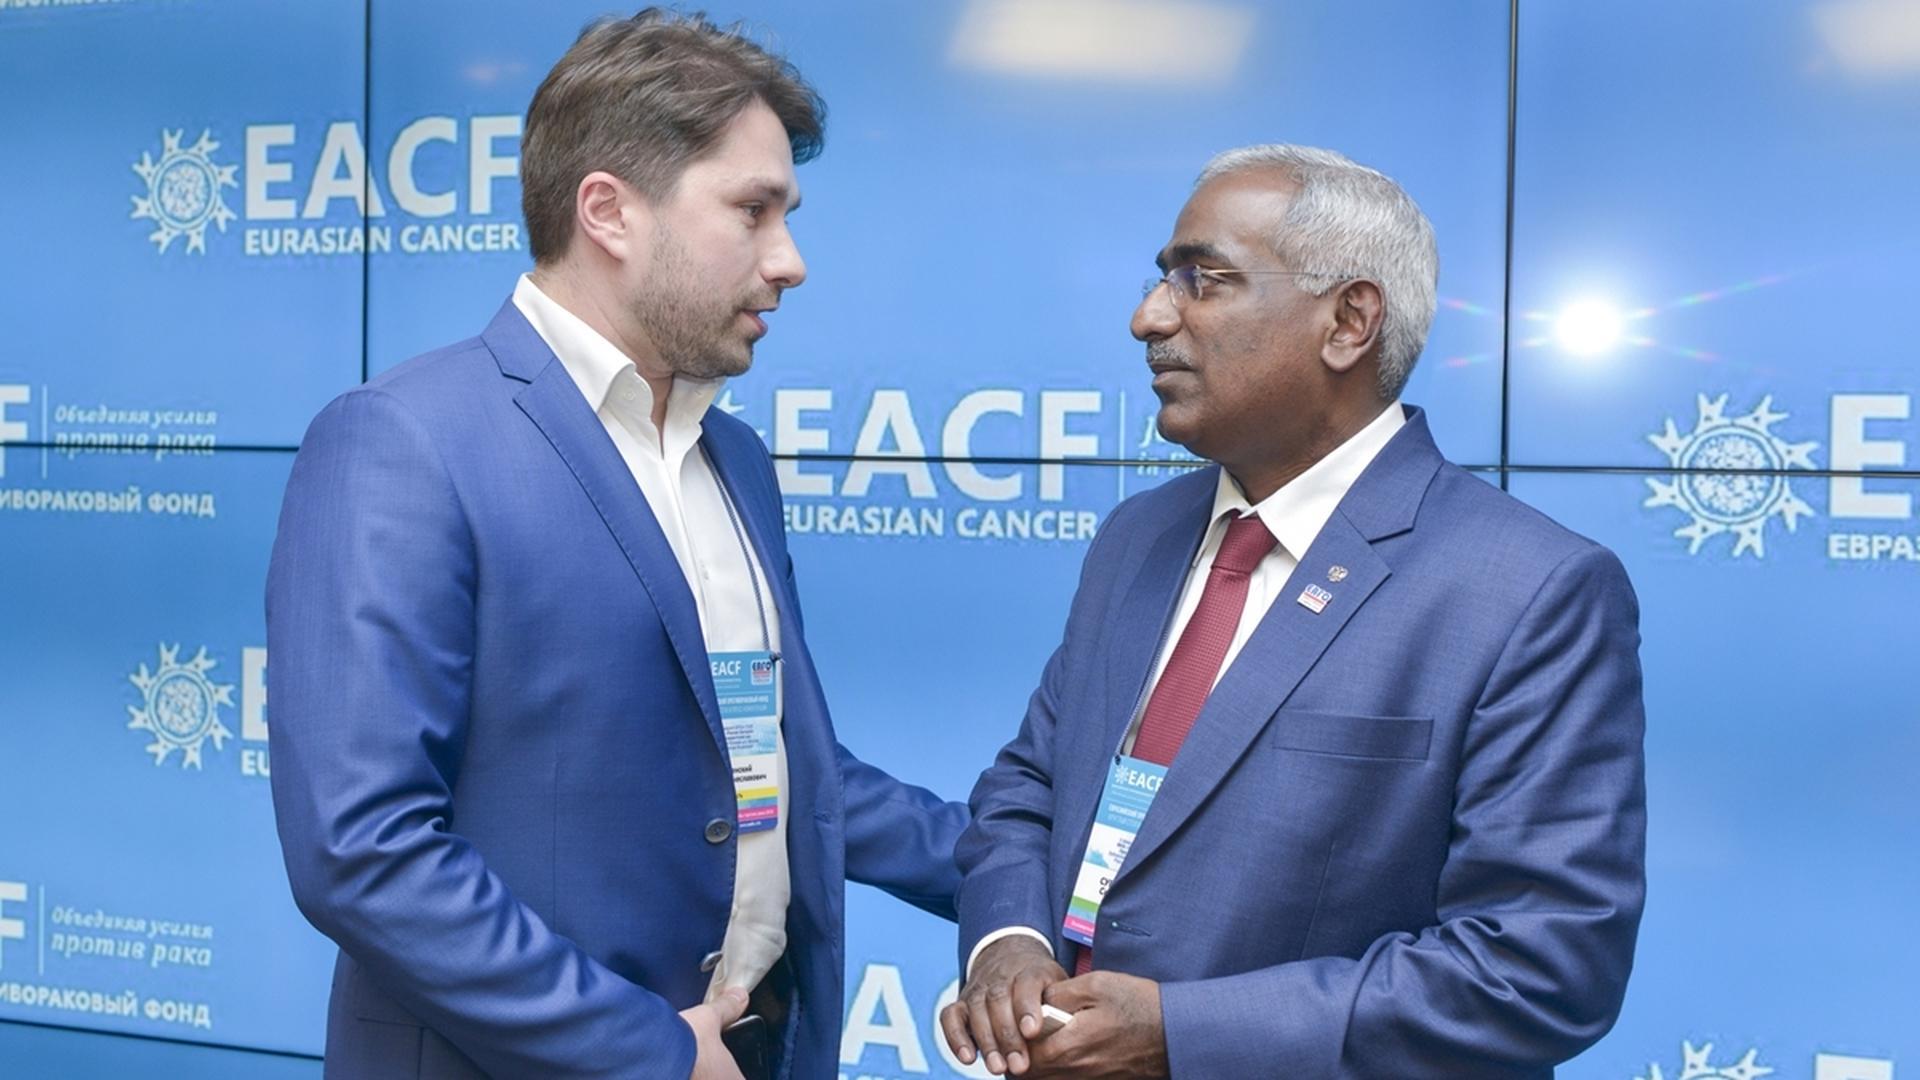 Евразийский противораковый Фонд обучит врачей неонкологических специальностей диагностировать рак